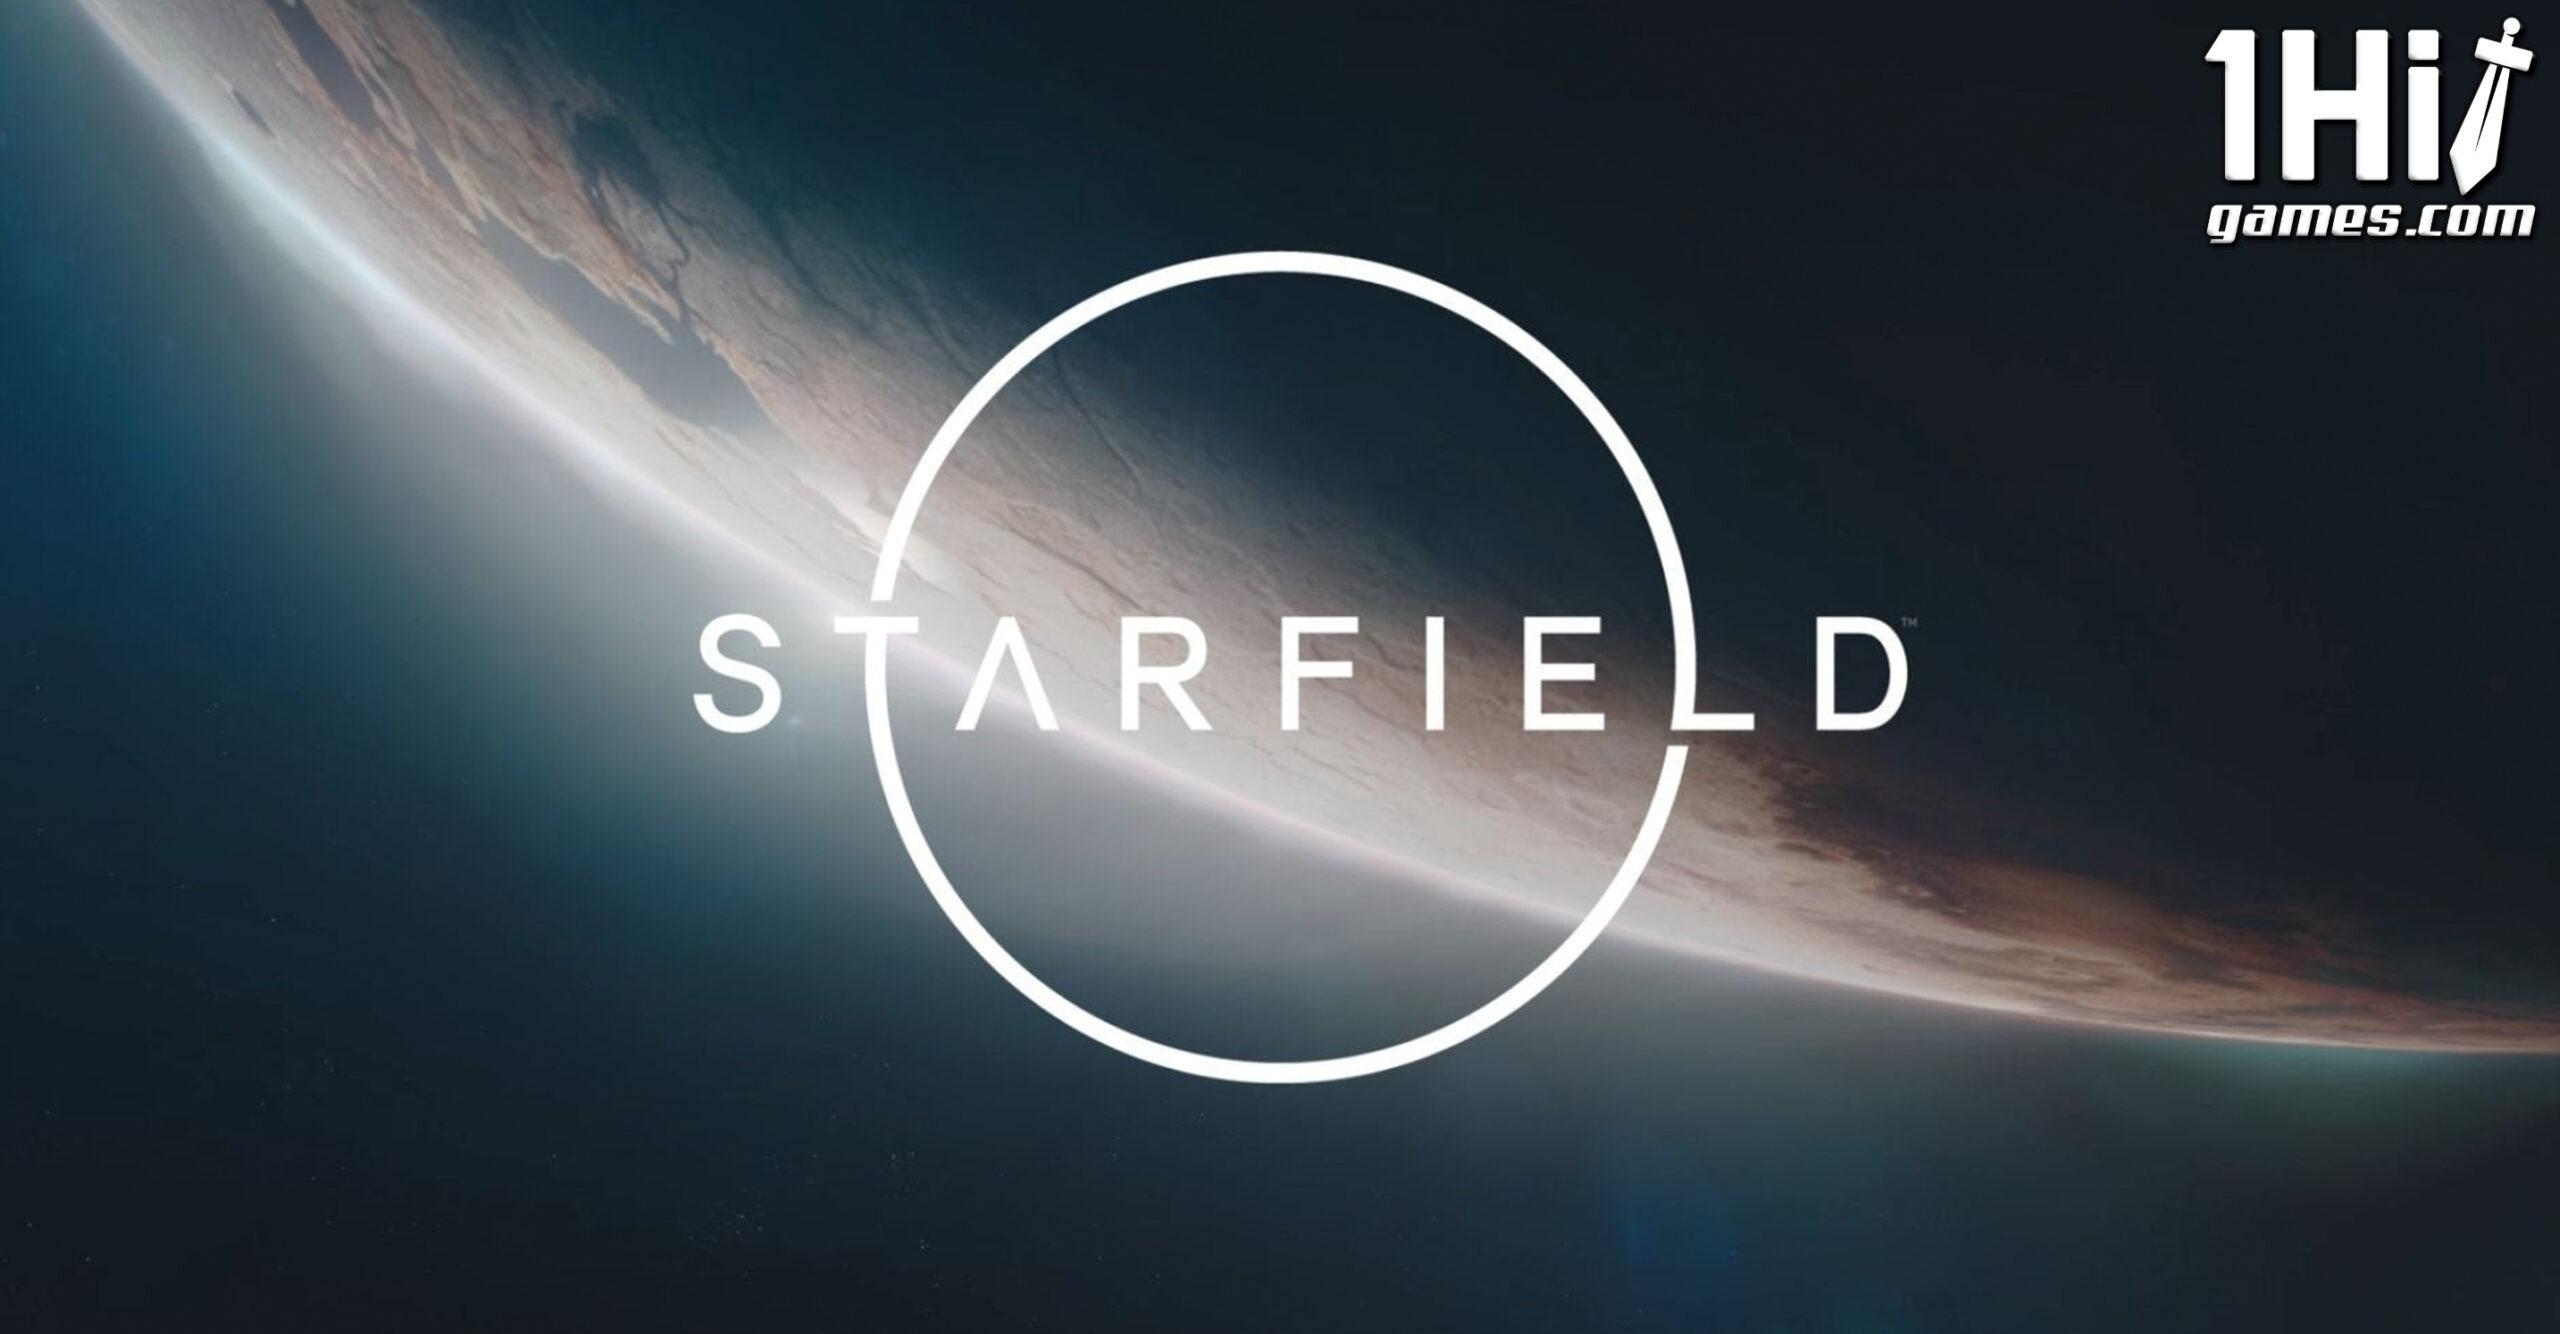 Starfield e seu lançamento incerto